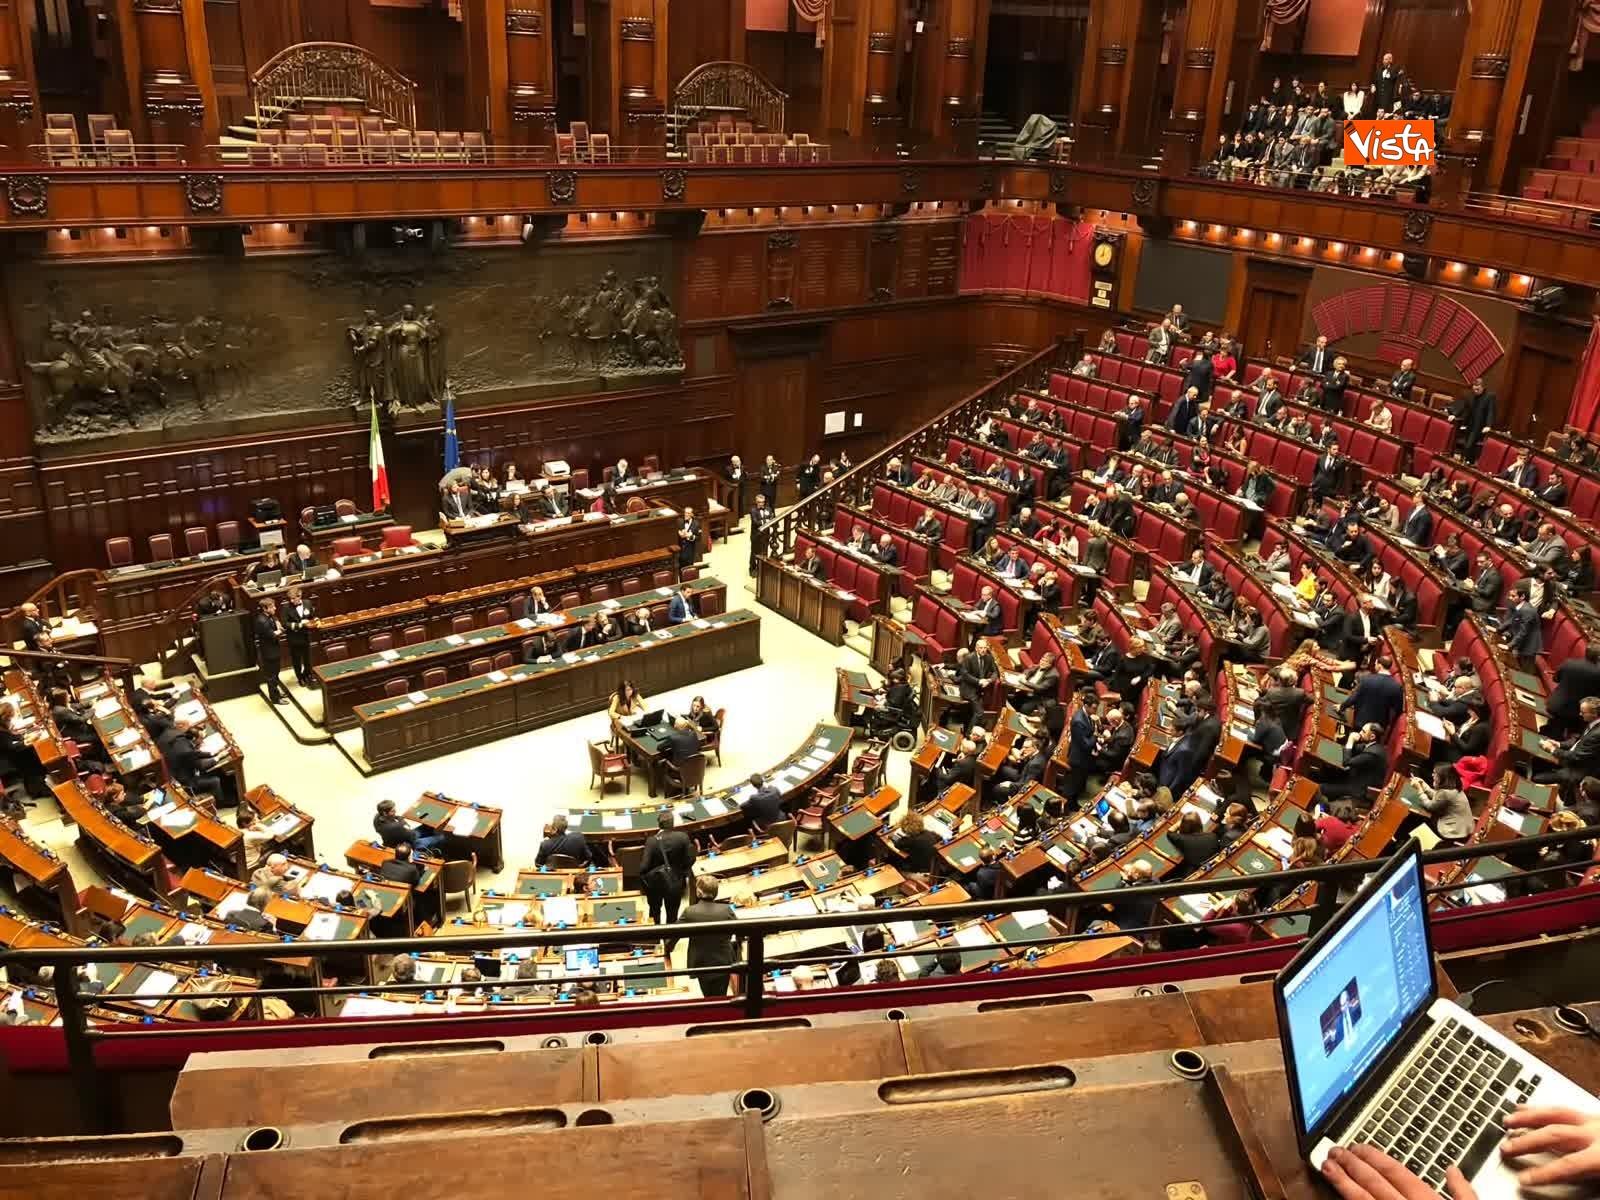 07-02-19 Tria parla in aula, interrotto risponde a un deputato stai zitto e scoppia la bagarre_09